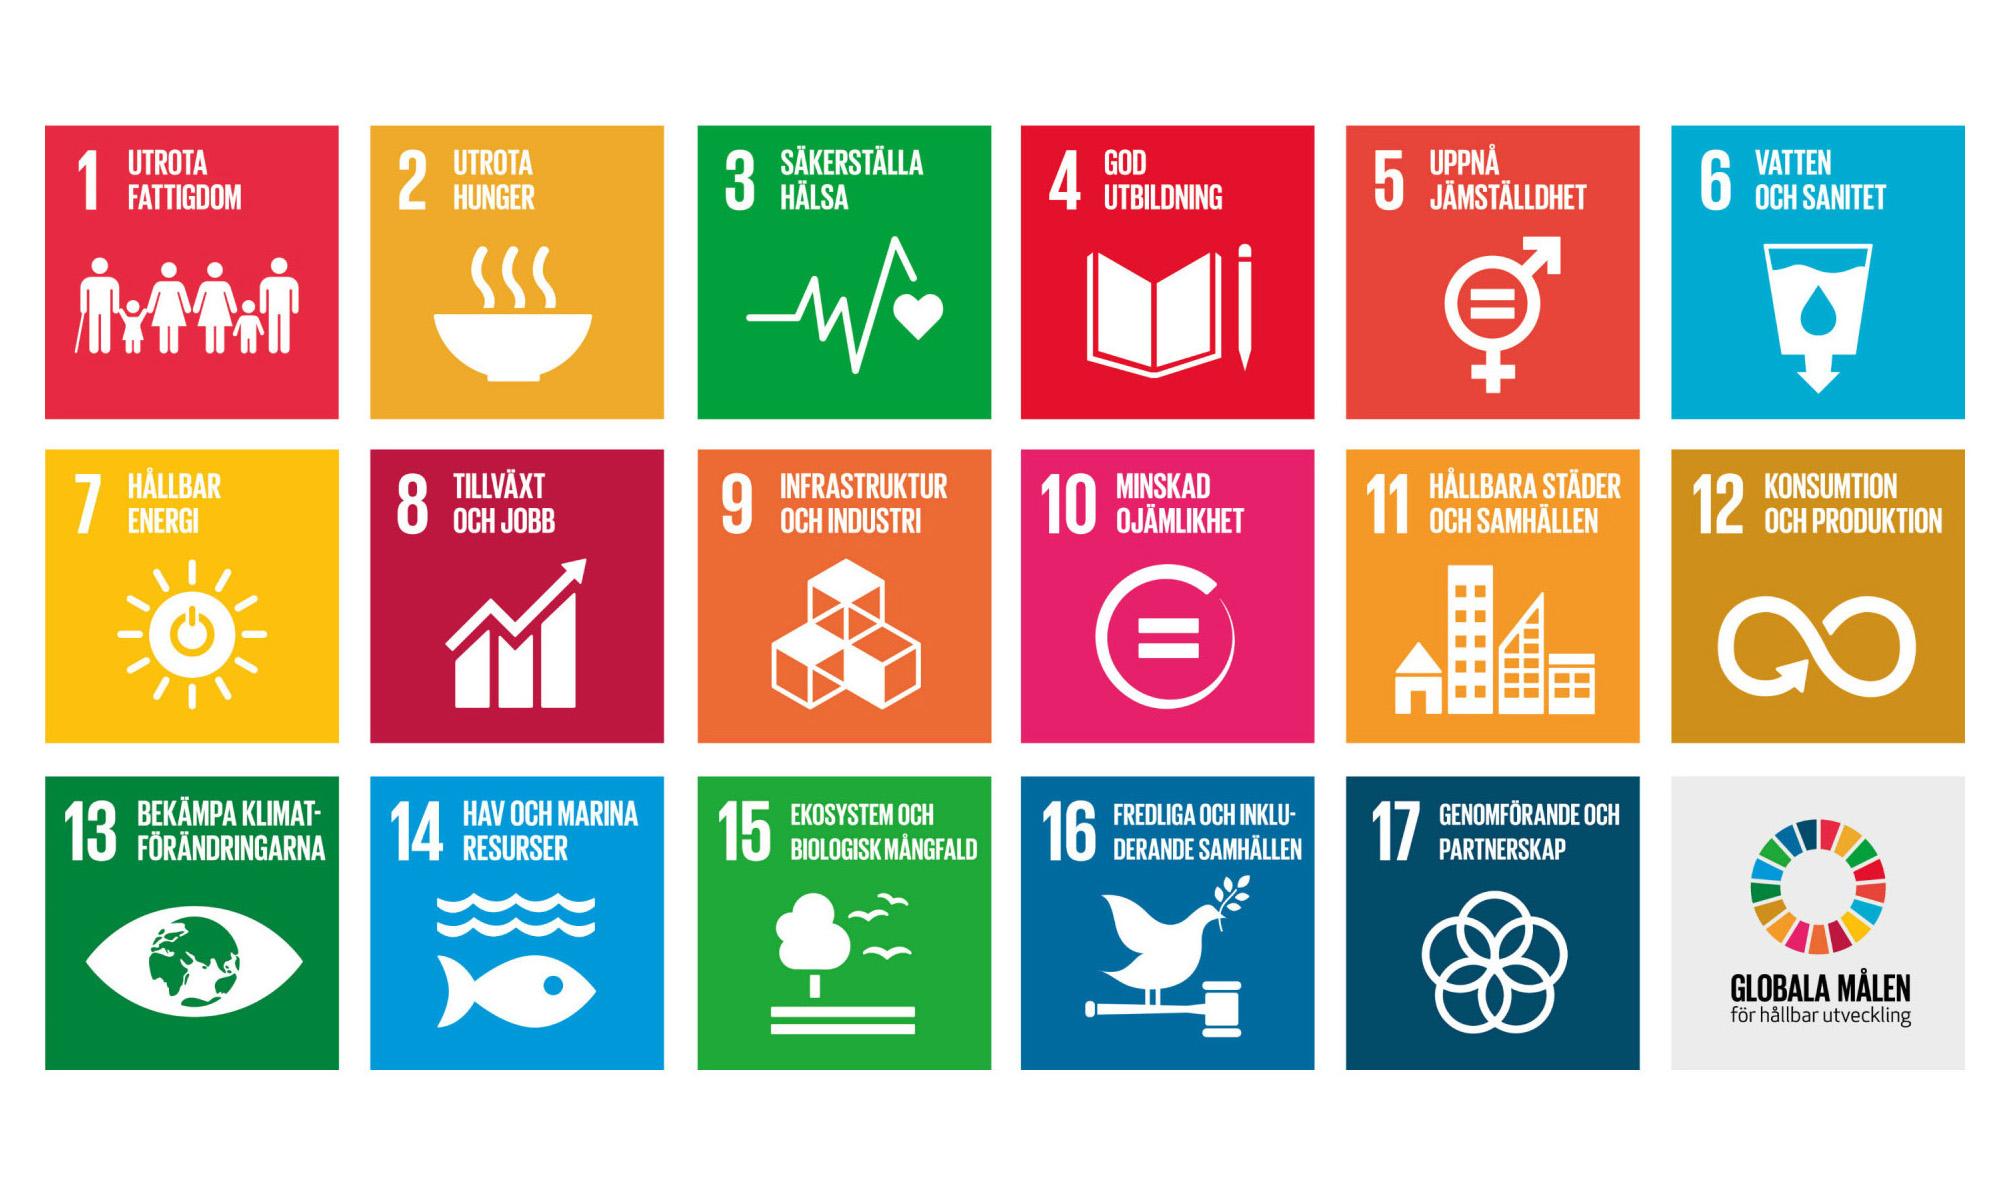 Globala målen, till podden på hemsidan, högre